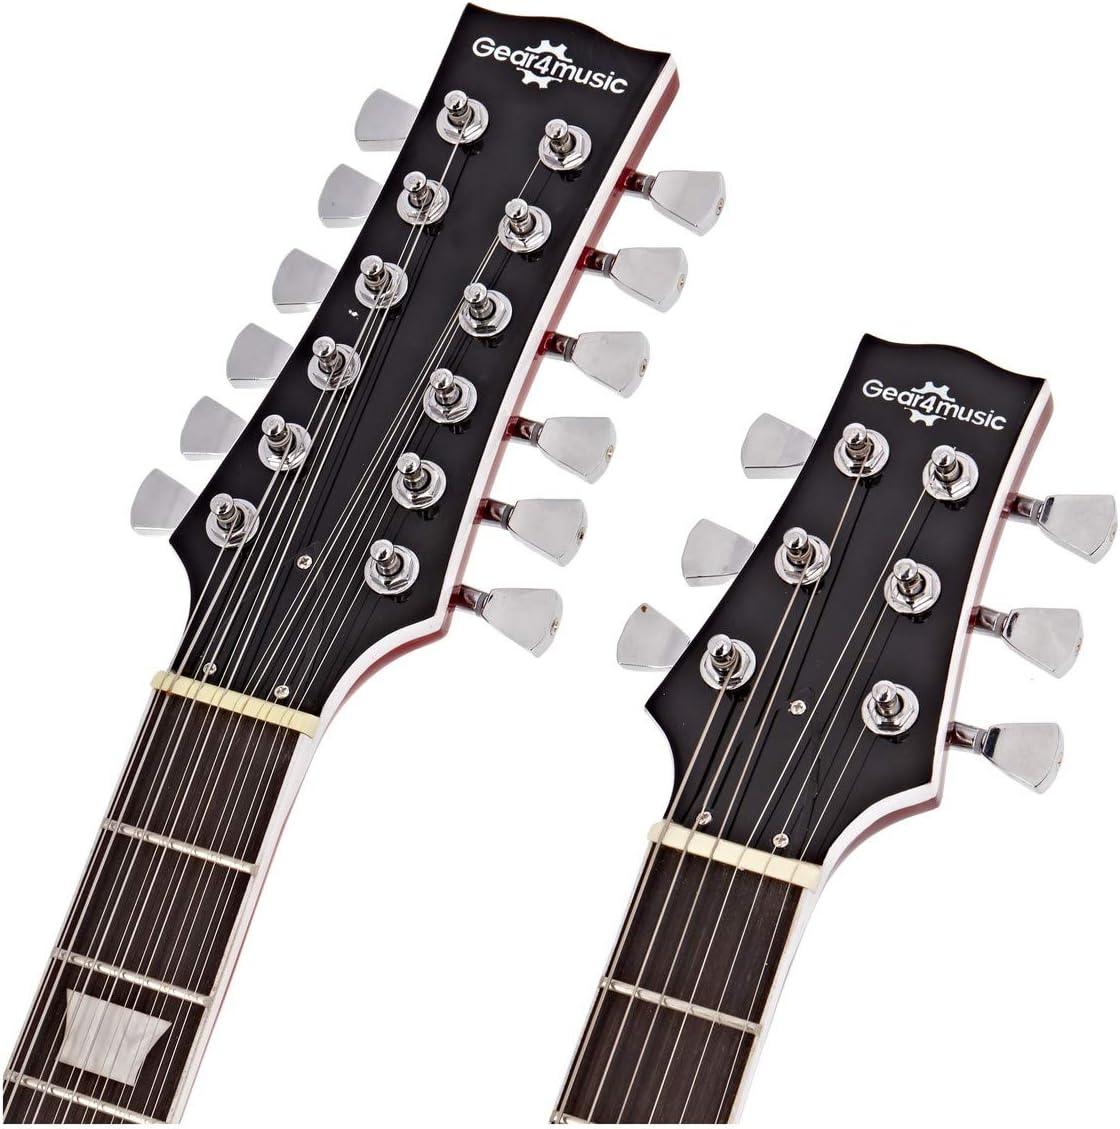 Guitare Brooklyn /à Double Manche par Gear4music